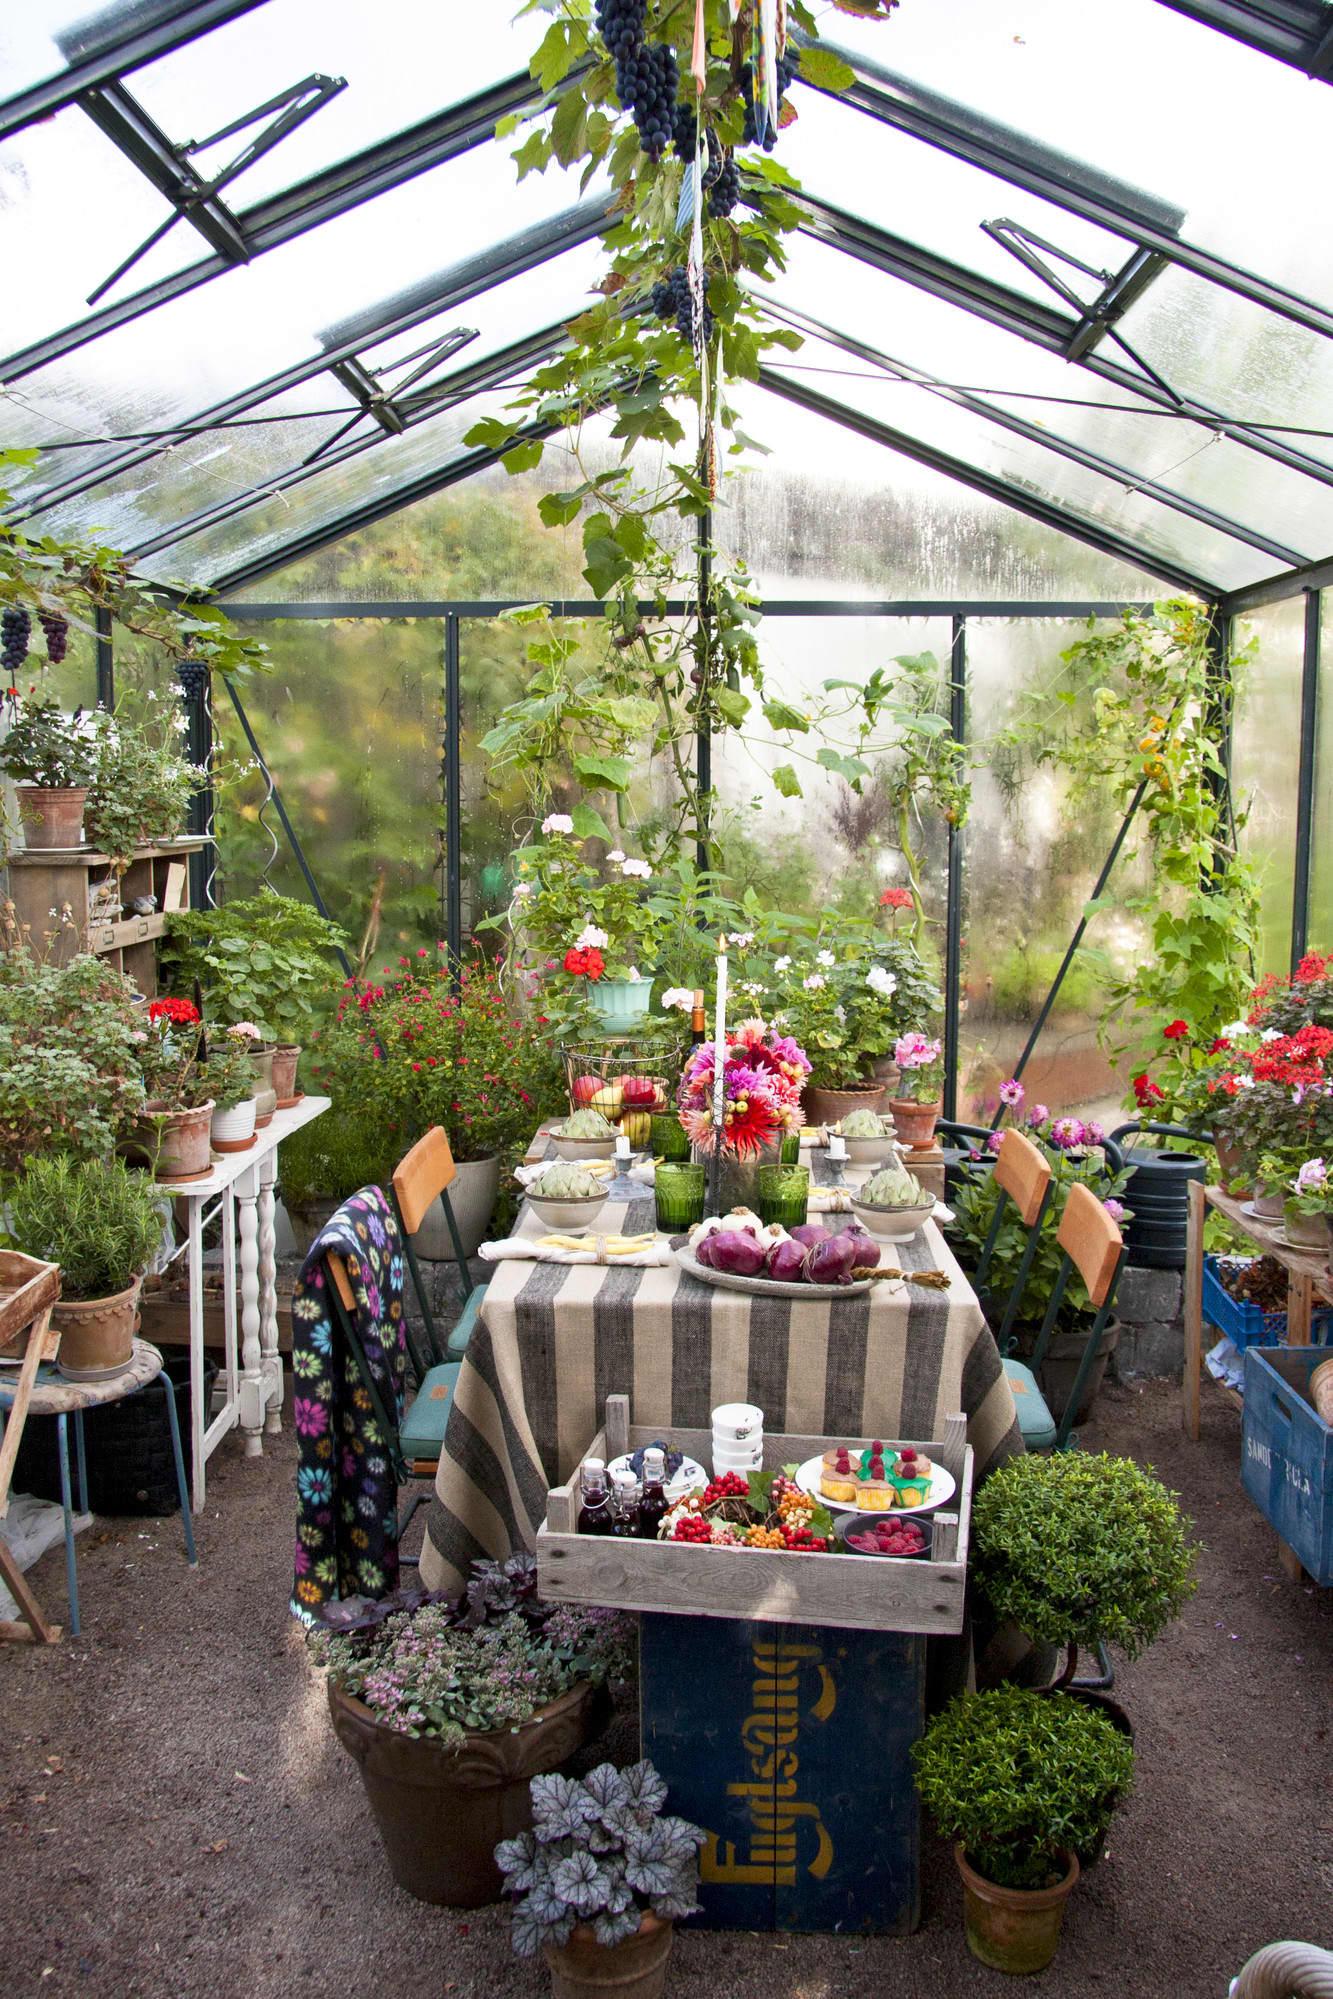 Fullt hus. Skörda allt vad trädgården har av blommor, frukt och grönsaker samt ställ in de vackraste trädgårdskrukorna. Sen är det bara att bjuda in vännerna till skördefest i växthuset.